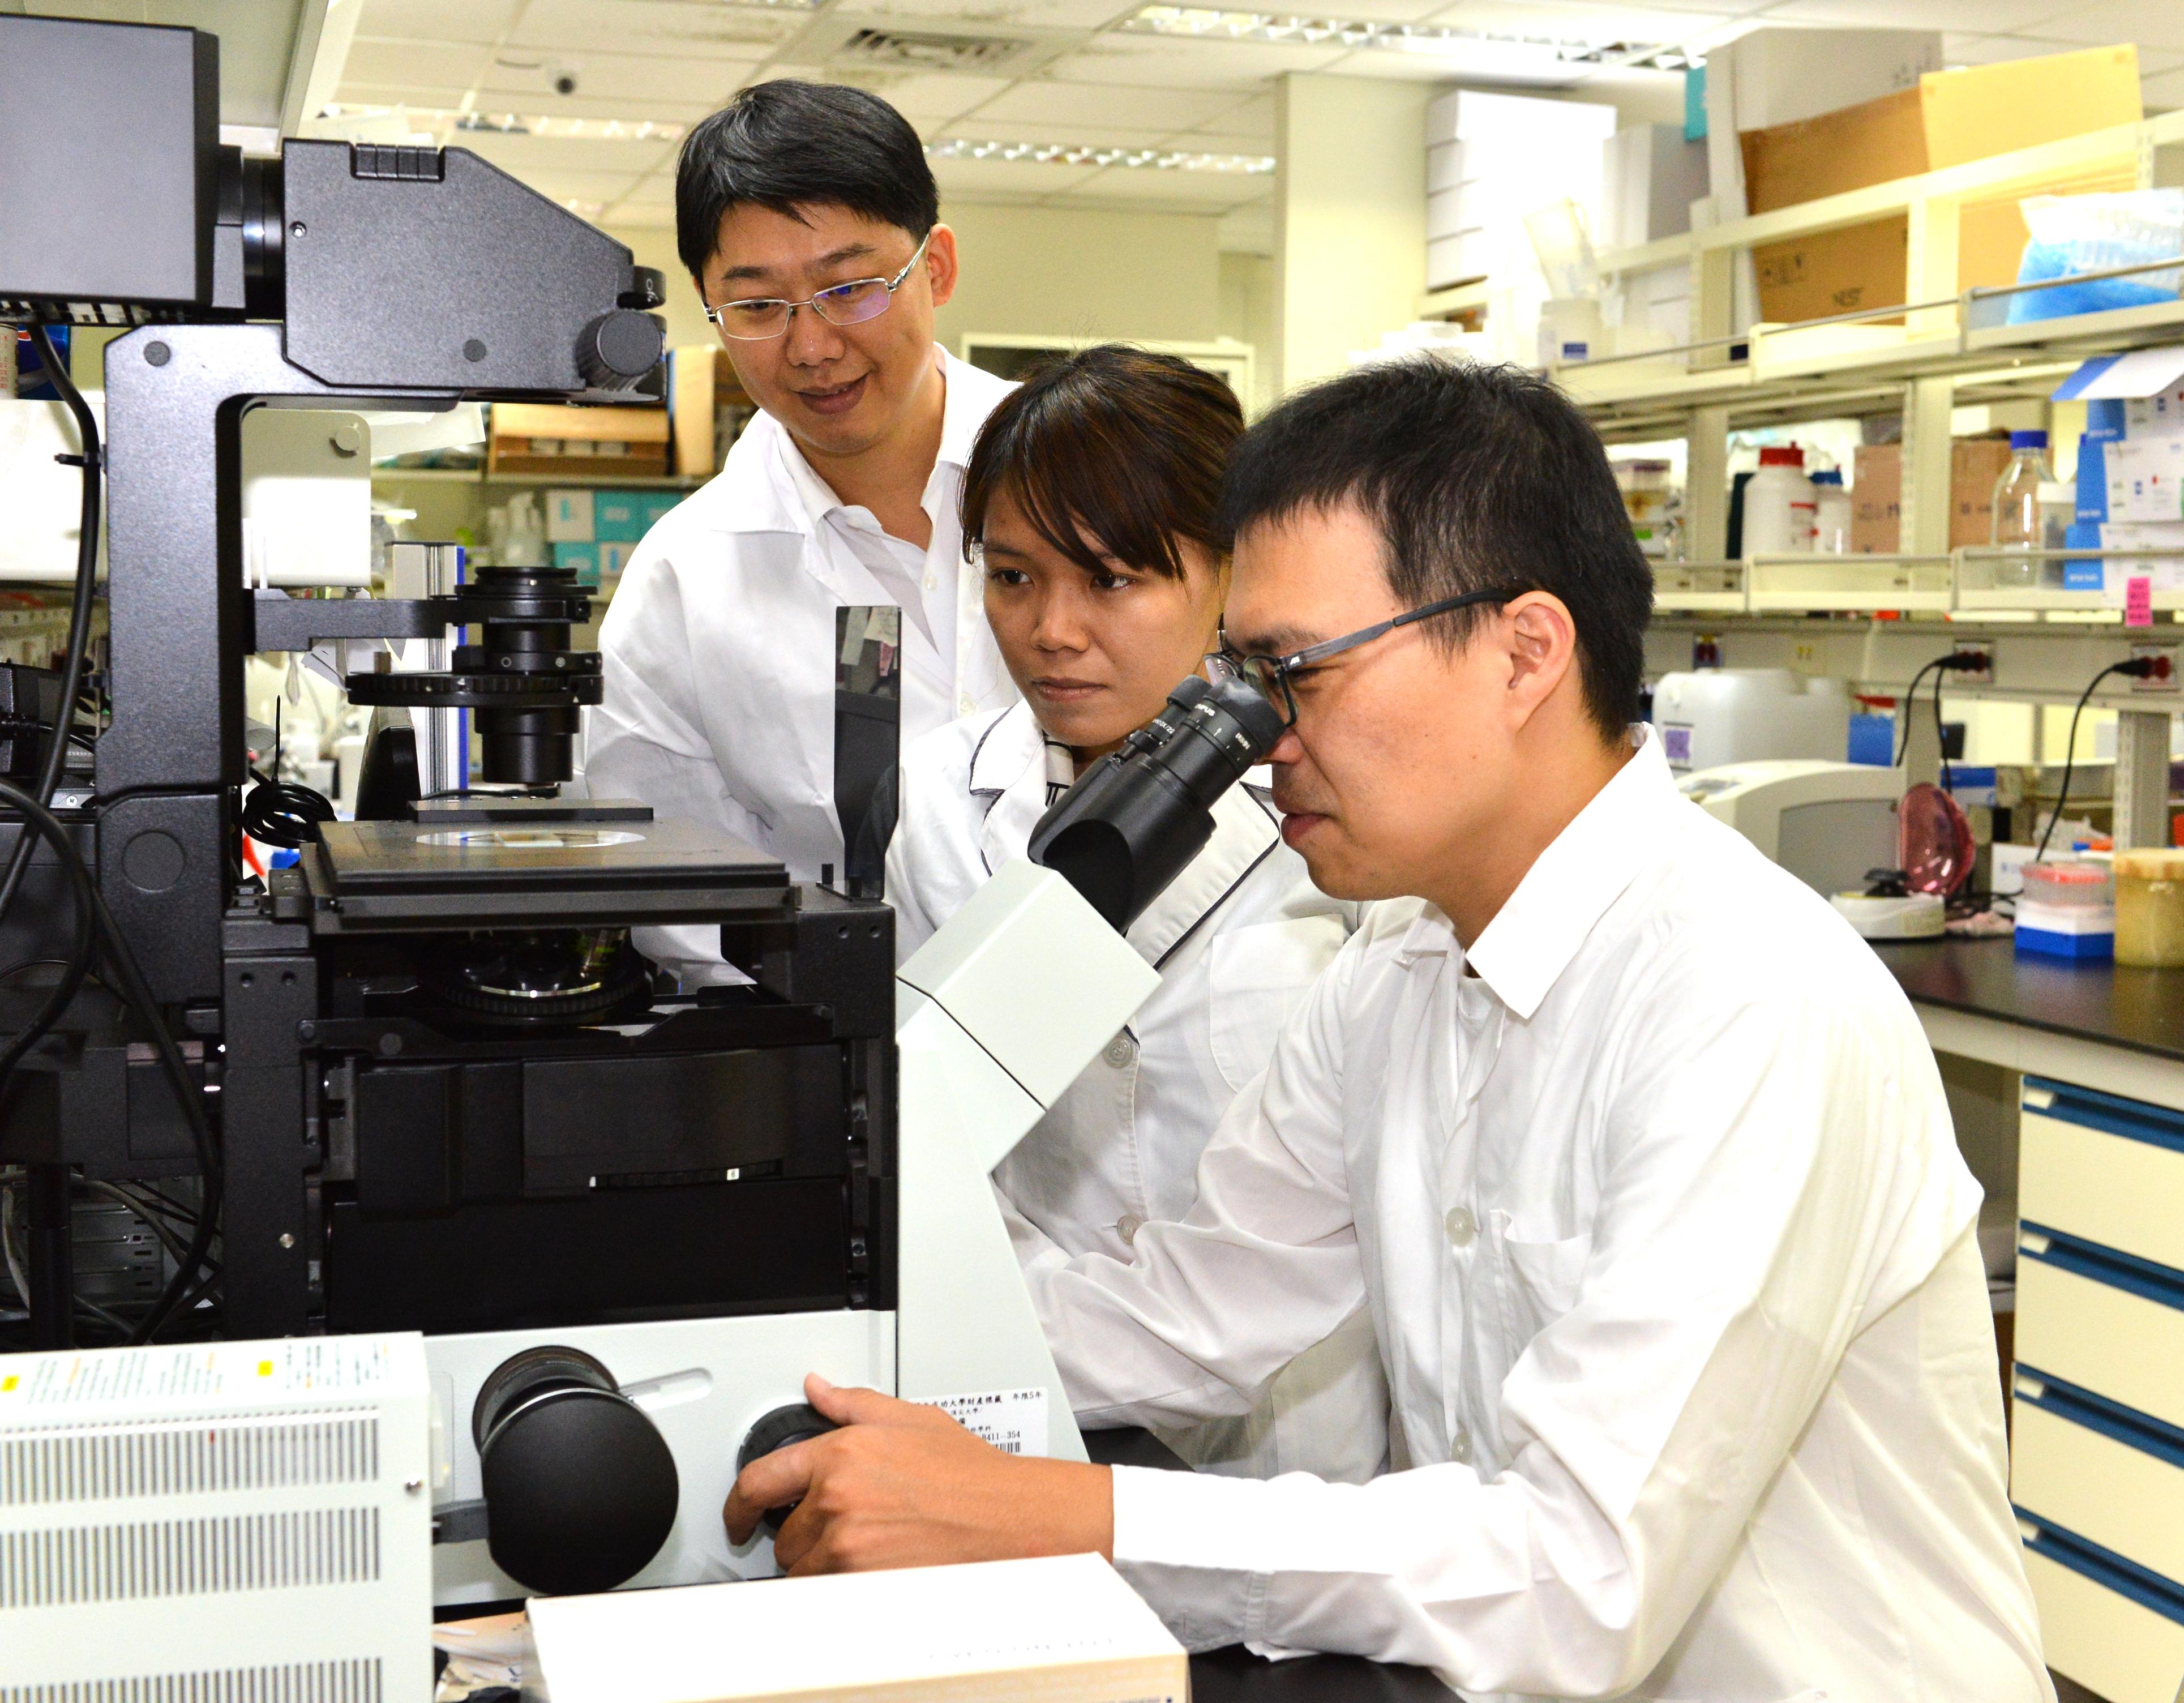 「貝爾醫材」成員示範產品使用方式(上圖)。「貝爾醫材」成員黃聖洋(右)操作實驗